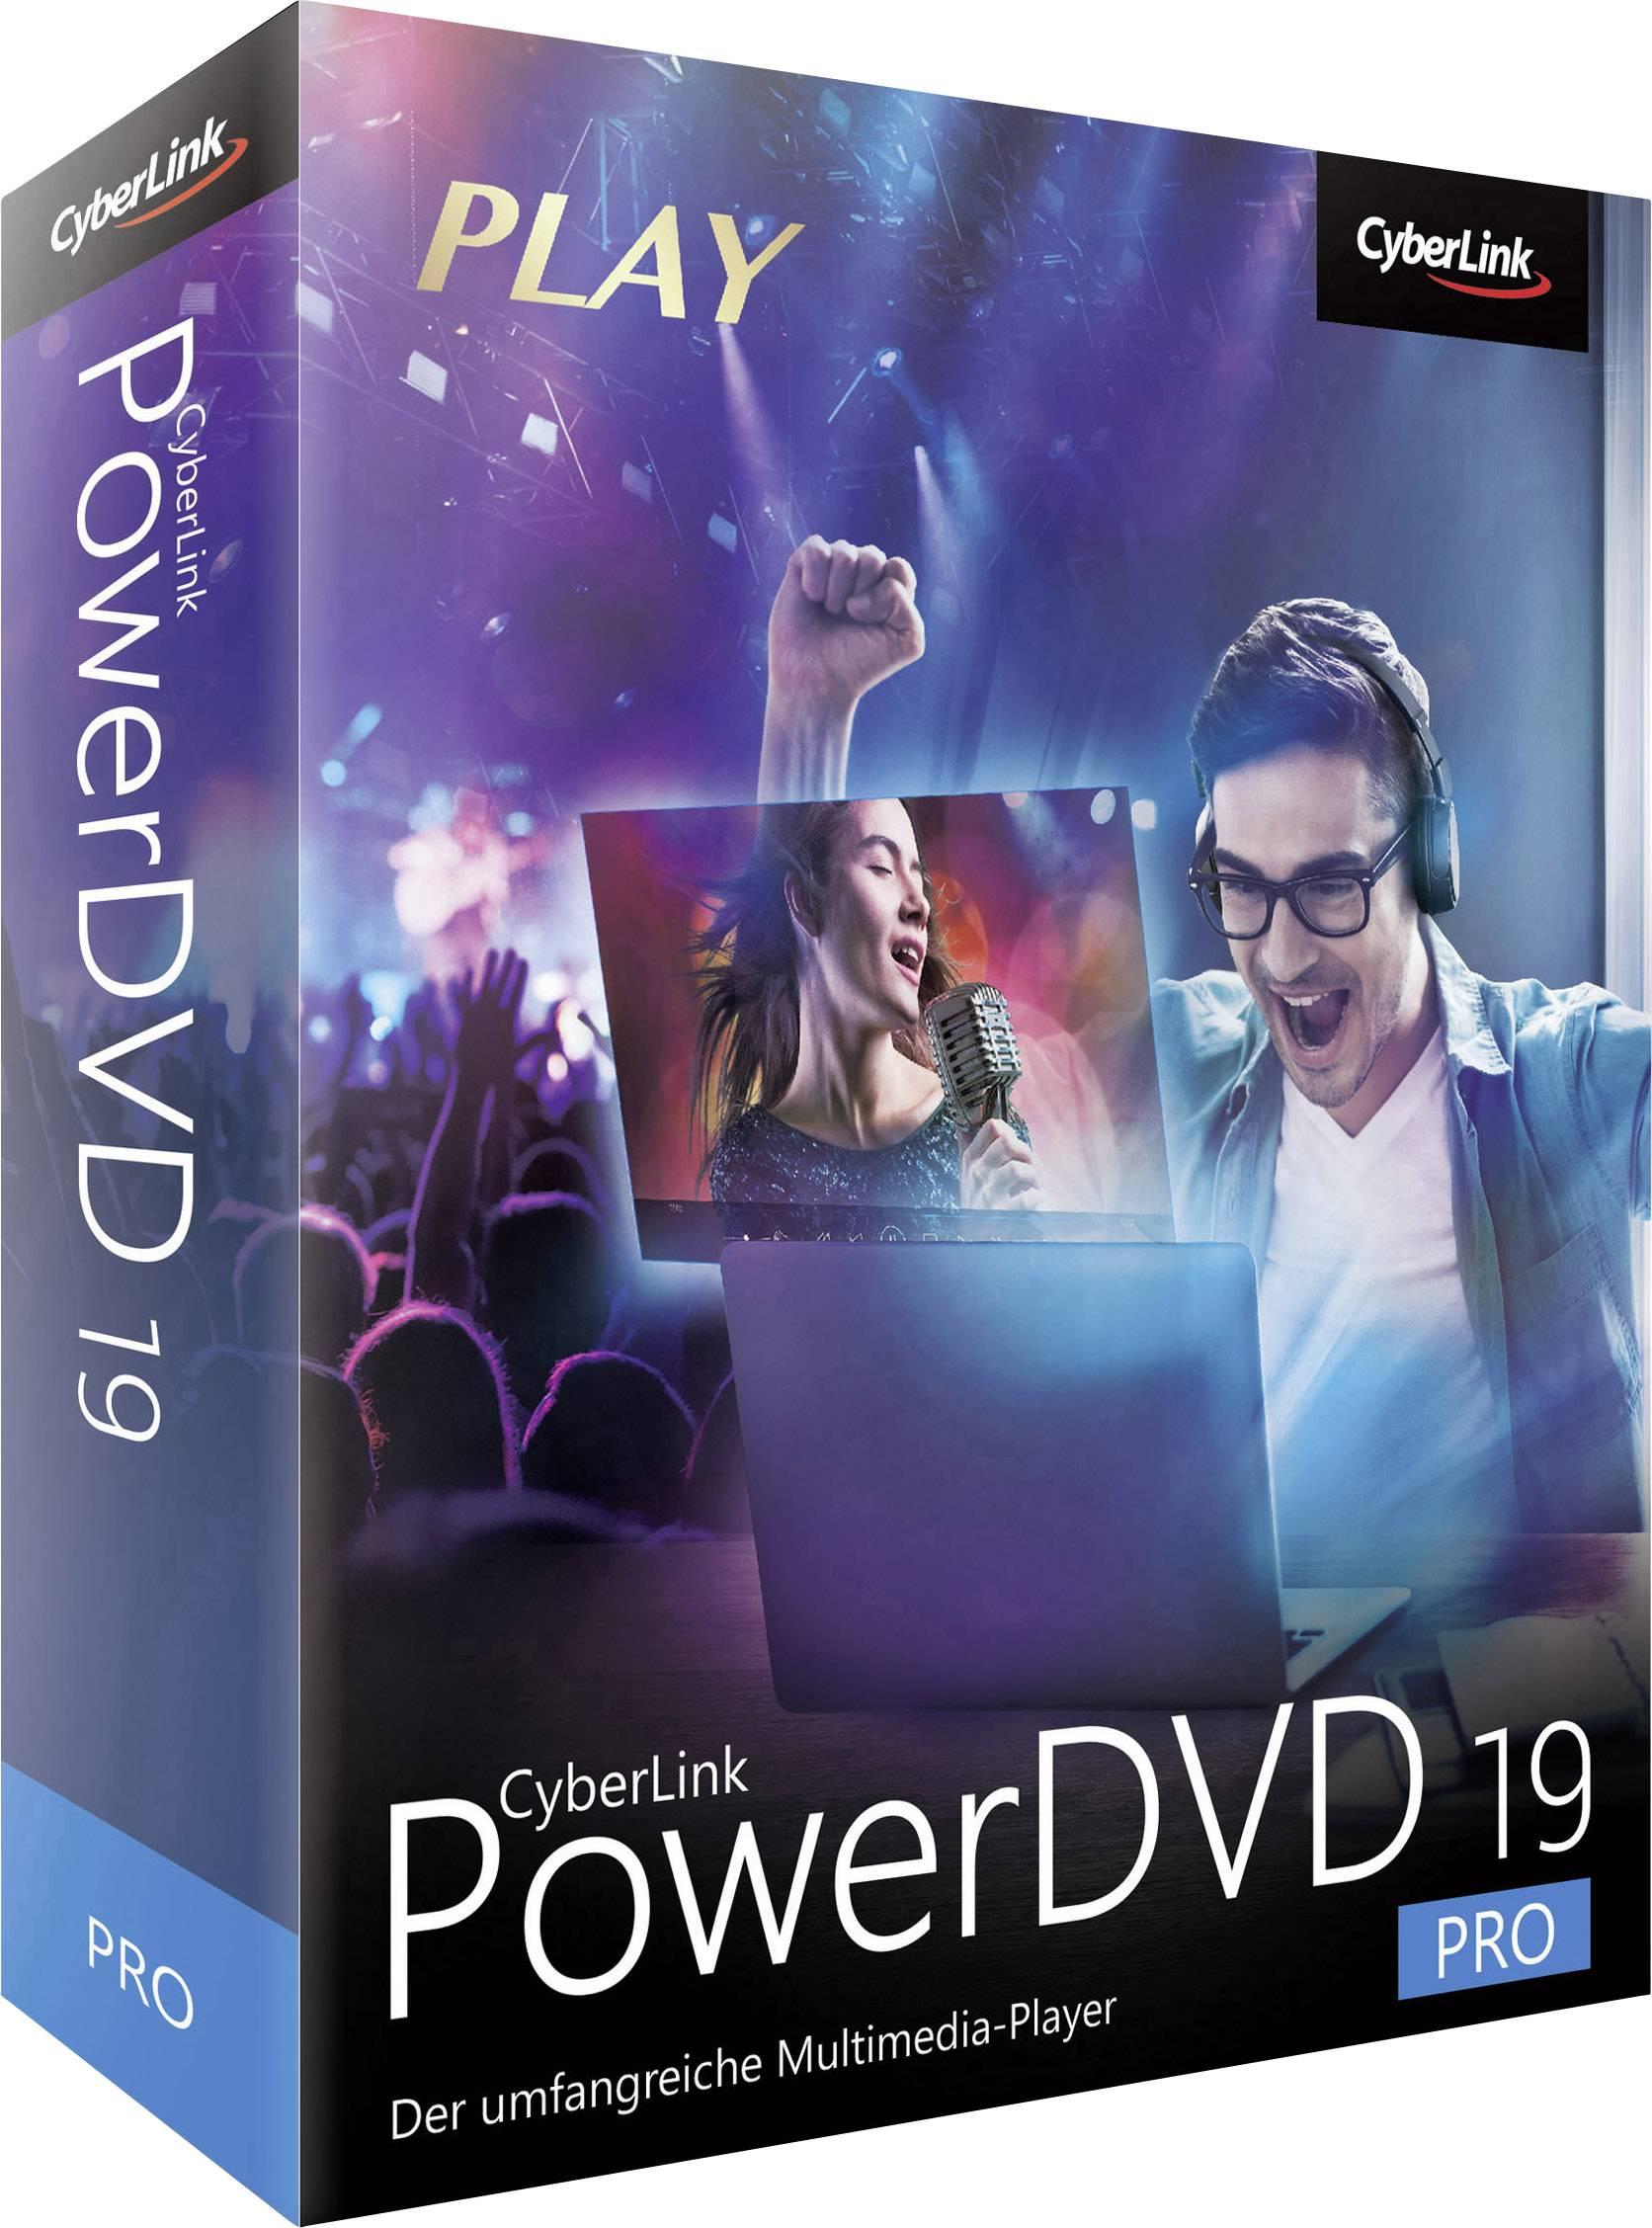 Cyberlink PowerDVD 19 Pro Vollversion, 1 Lizenz Windows Videobearbeitung